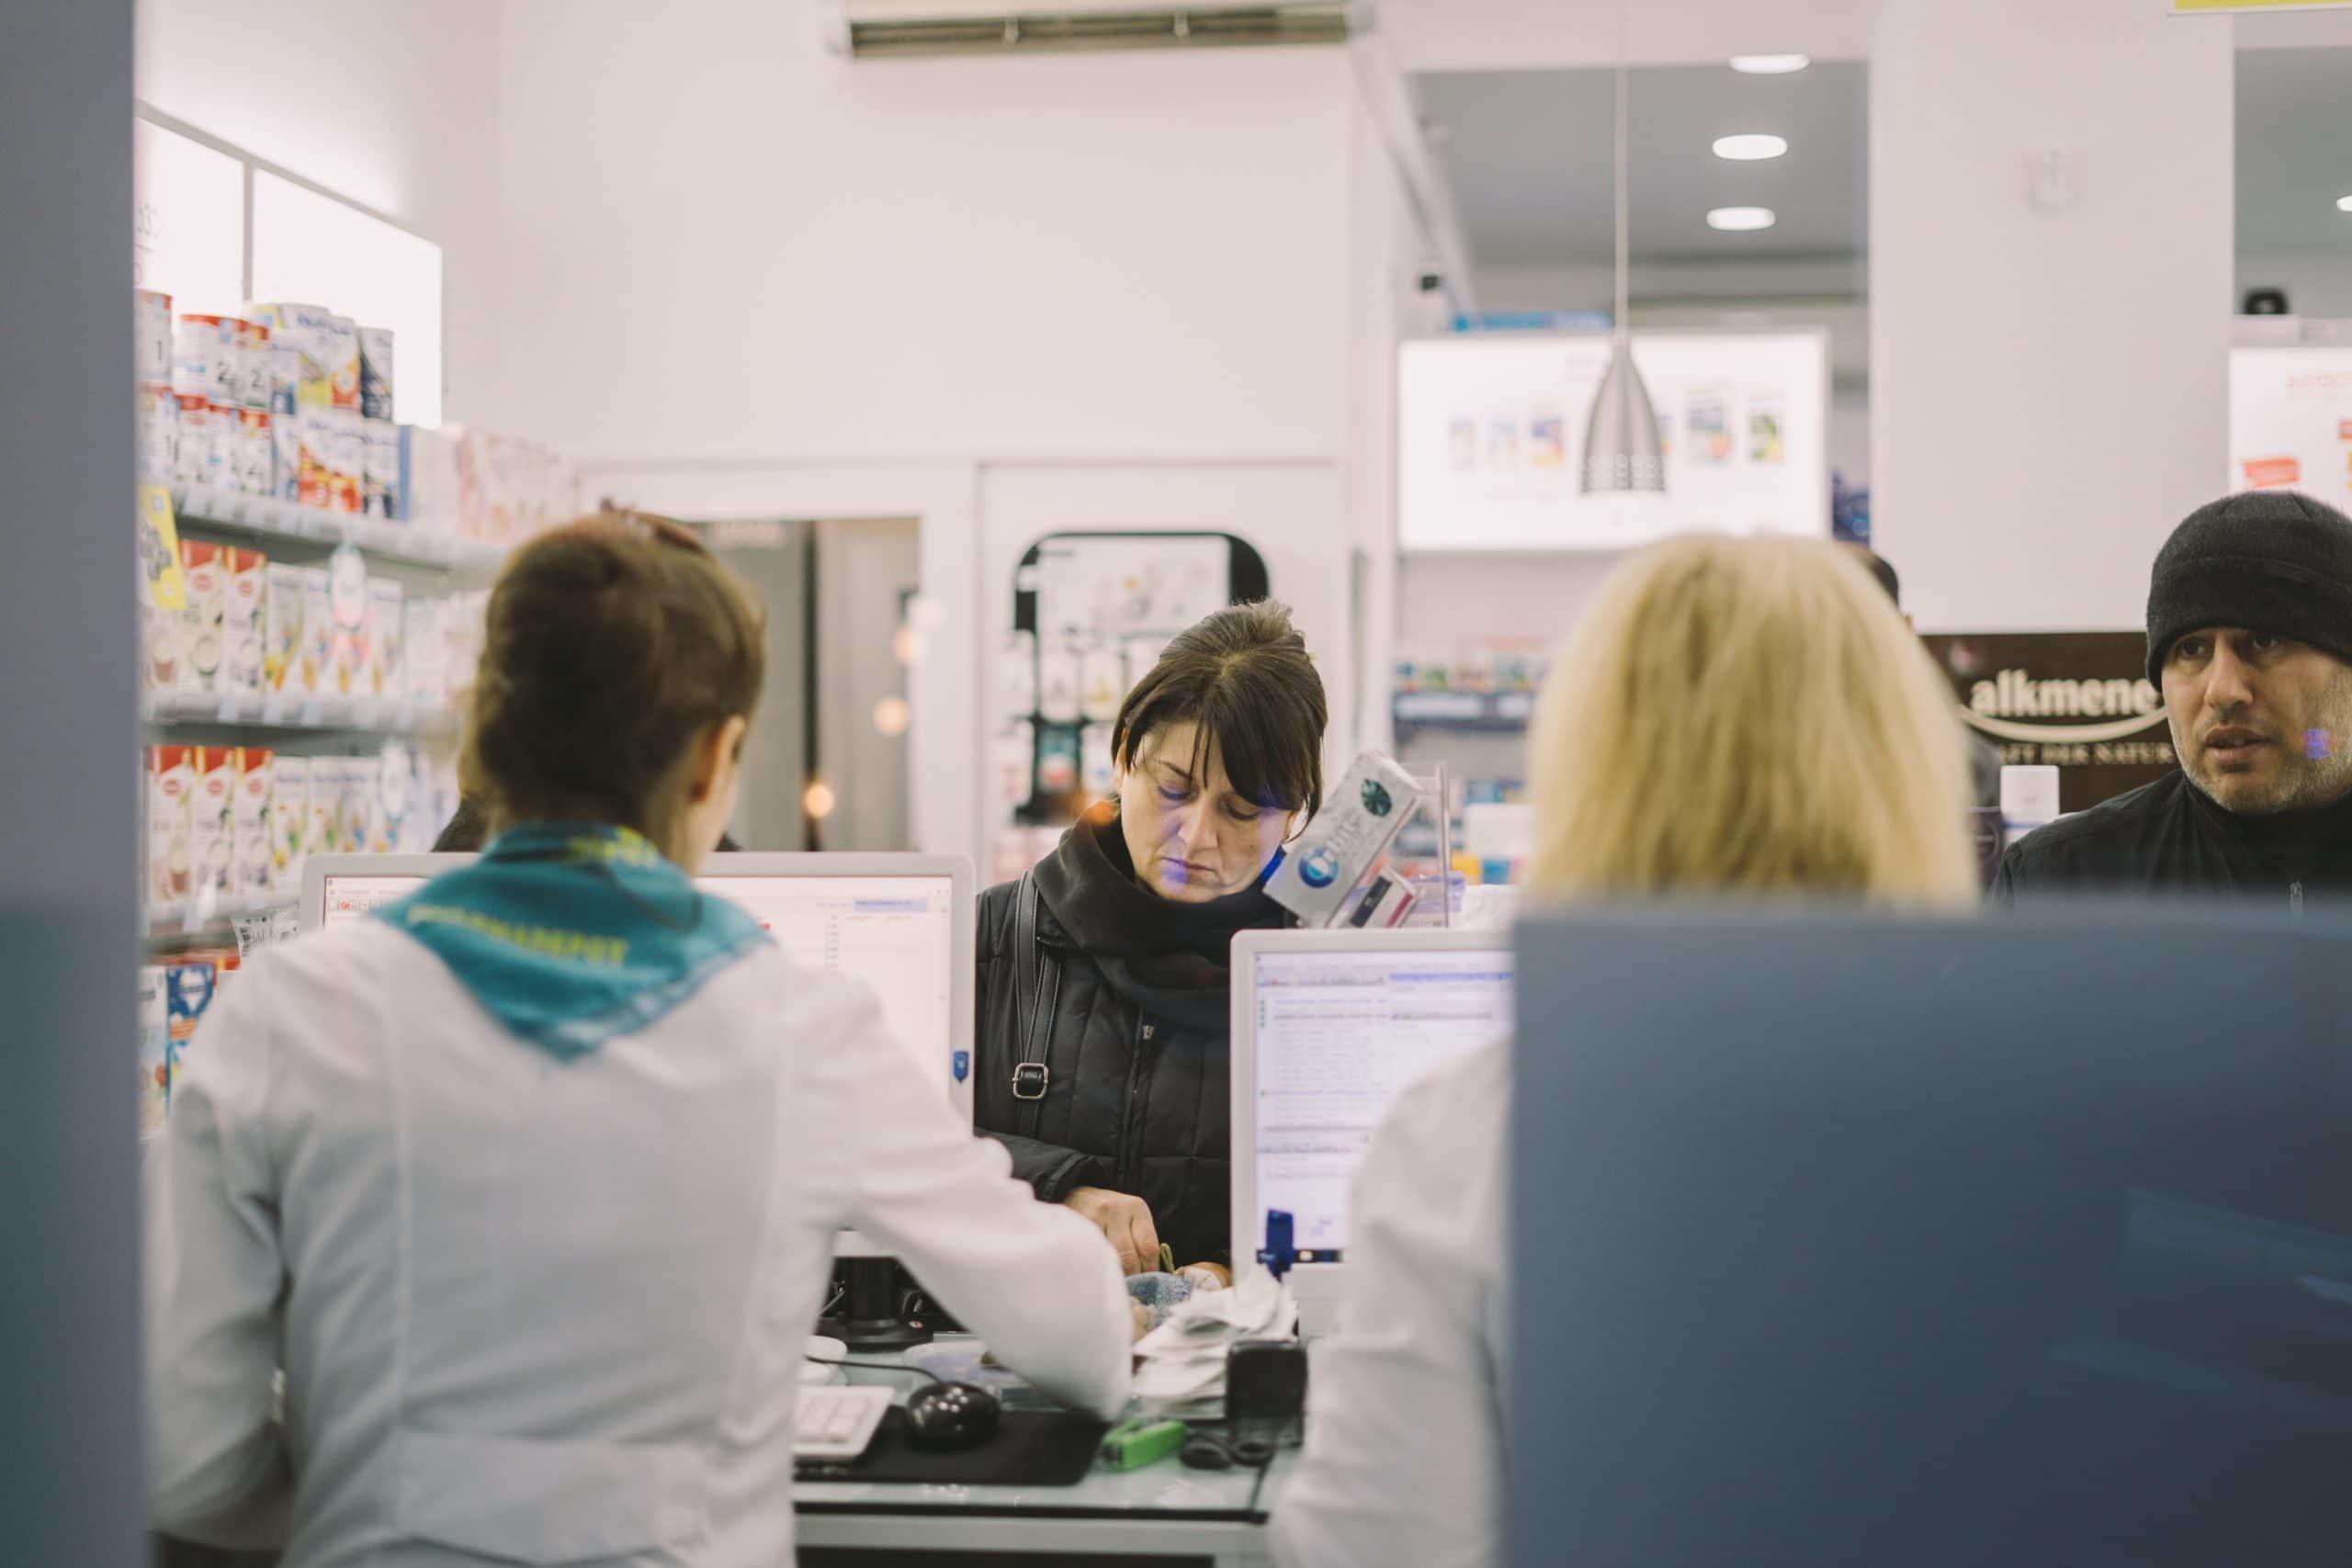 Sind geringwertige Werbegaben in Apotheken zulässig?